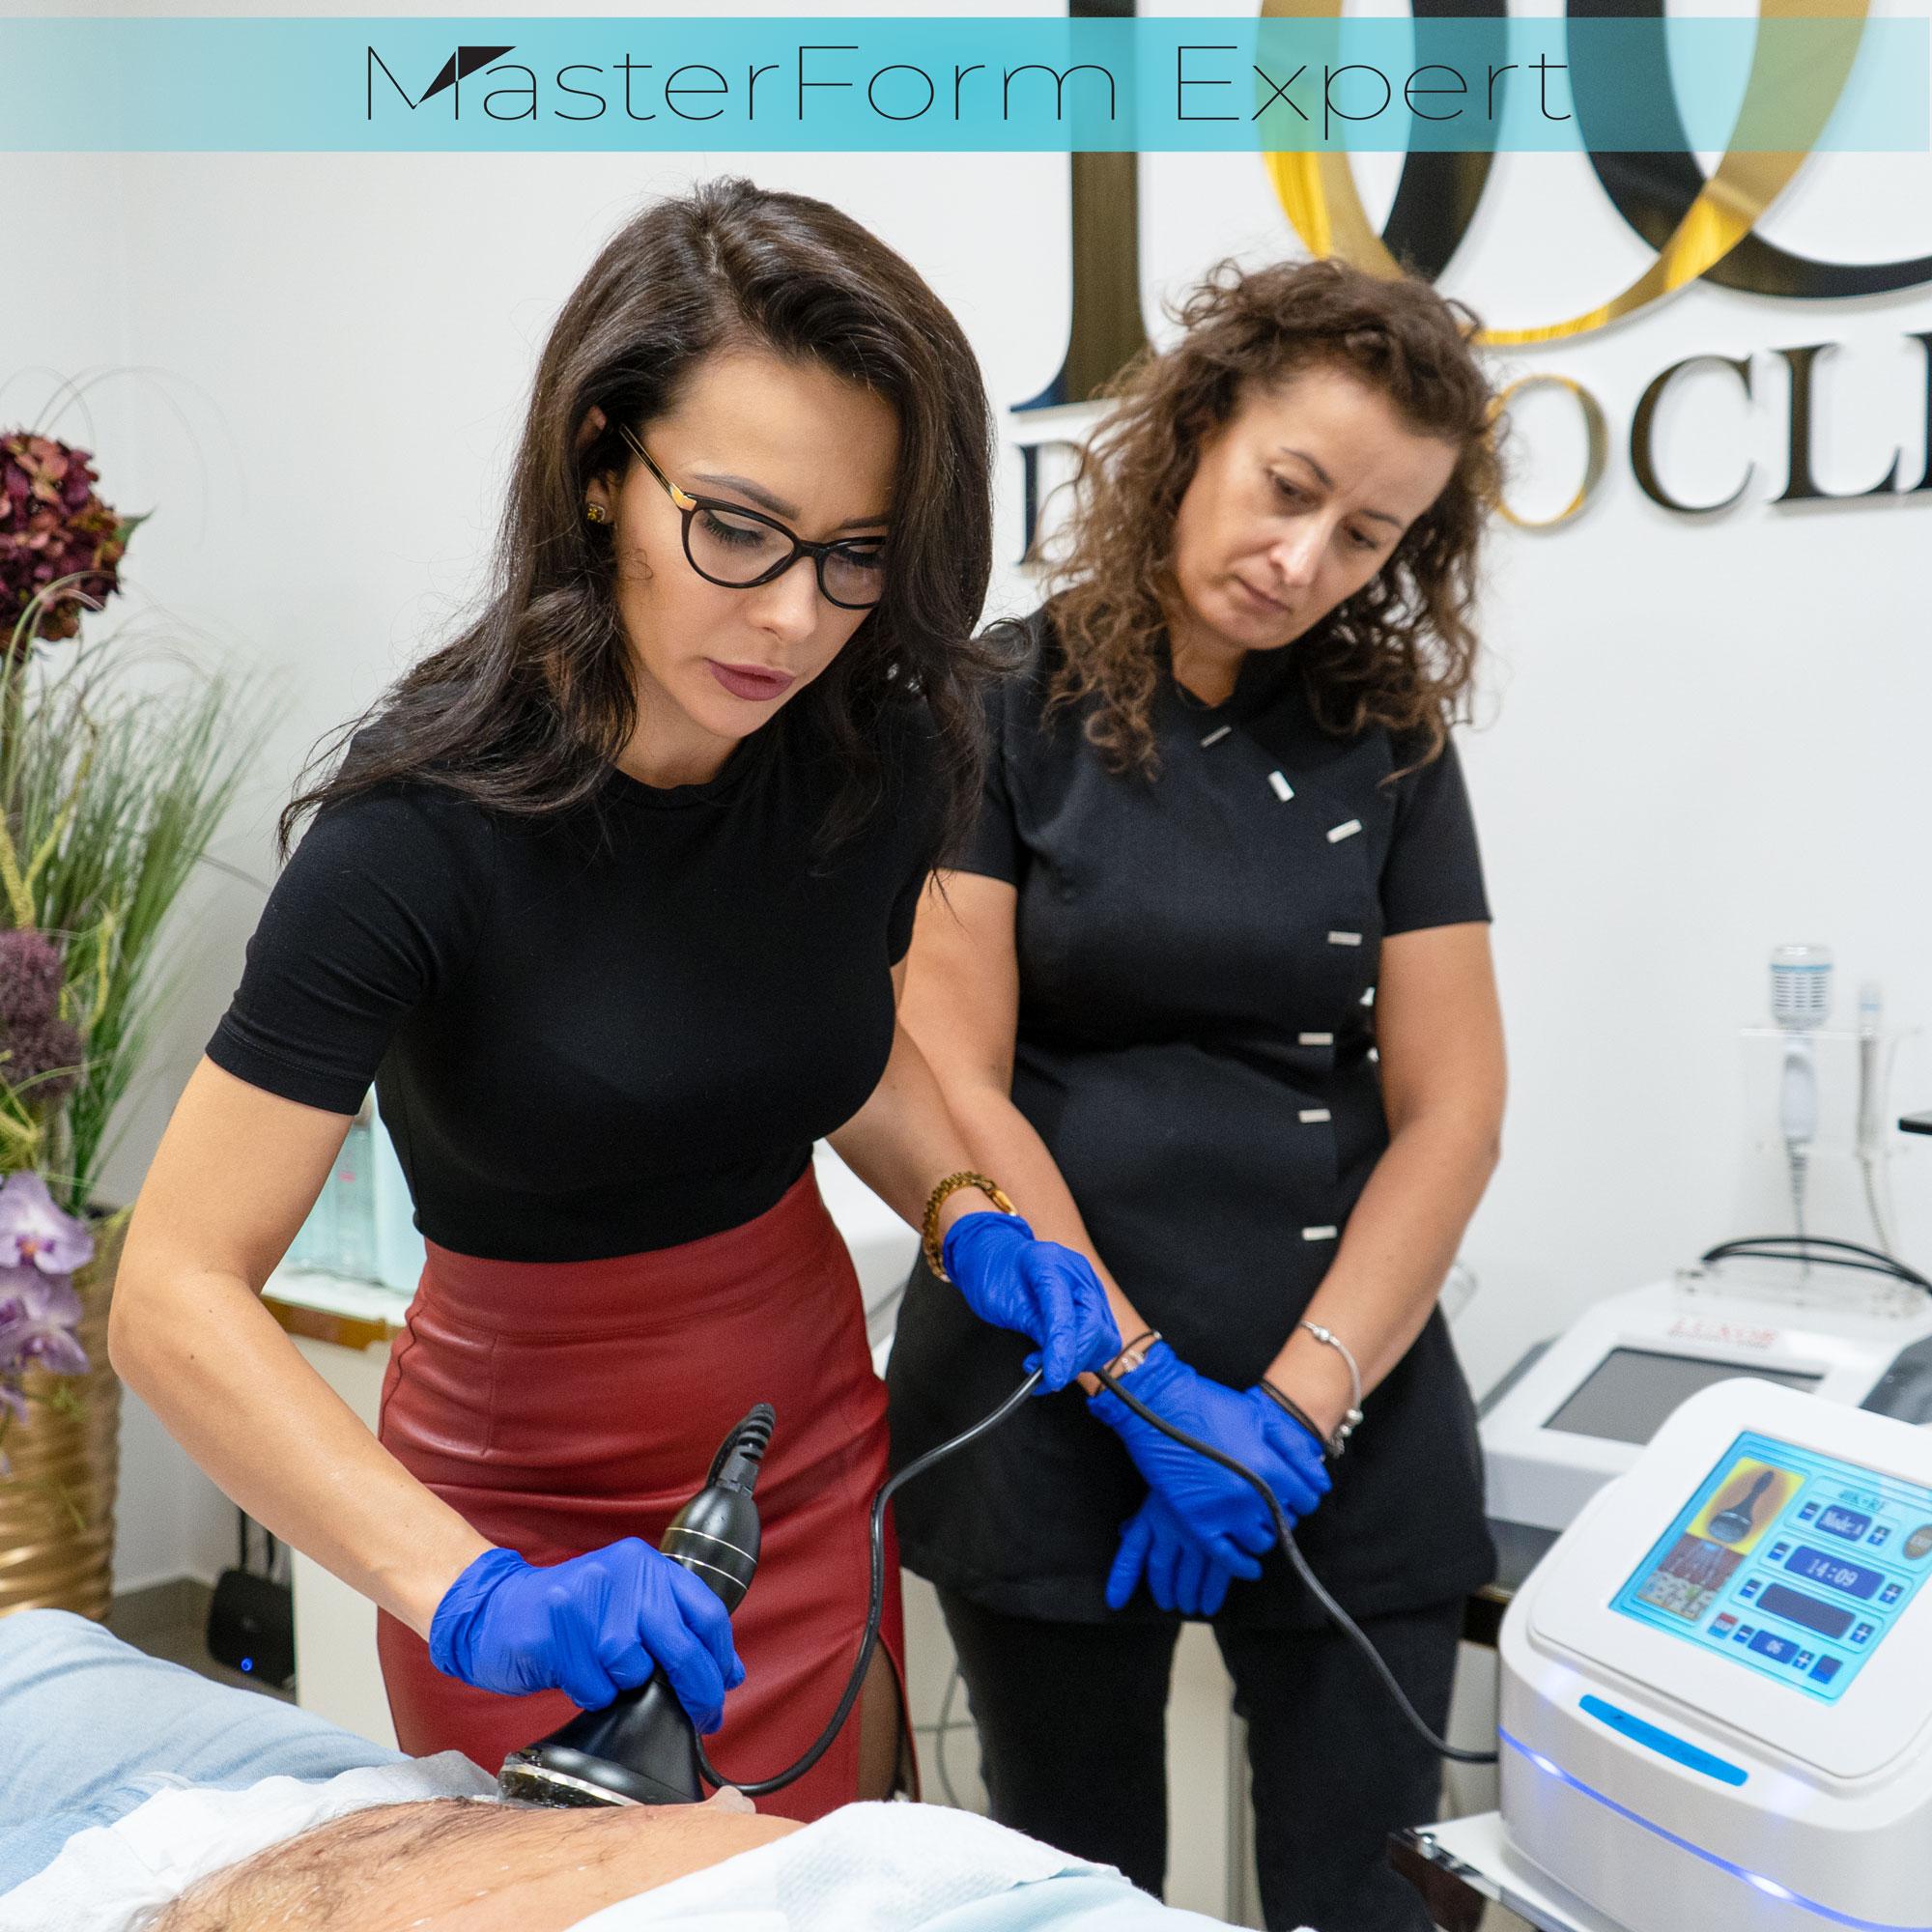 Podczas, gdy kosmetolog przeprowadza endomasaż nasza kursantka bacznie obserwuje całą procedurę